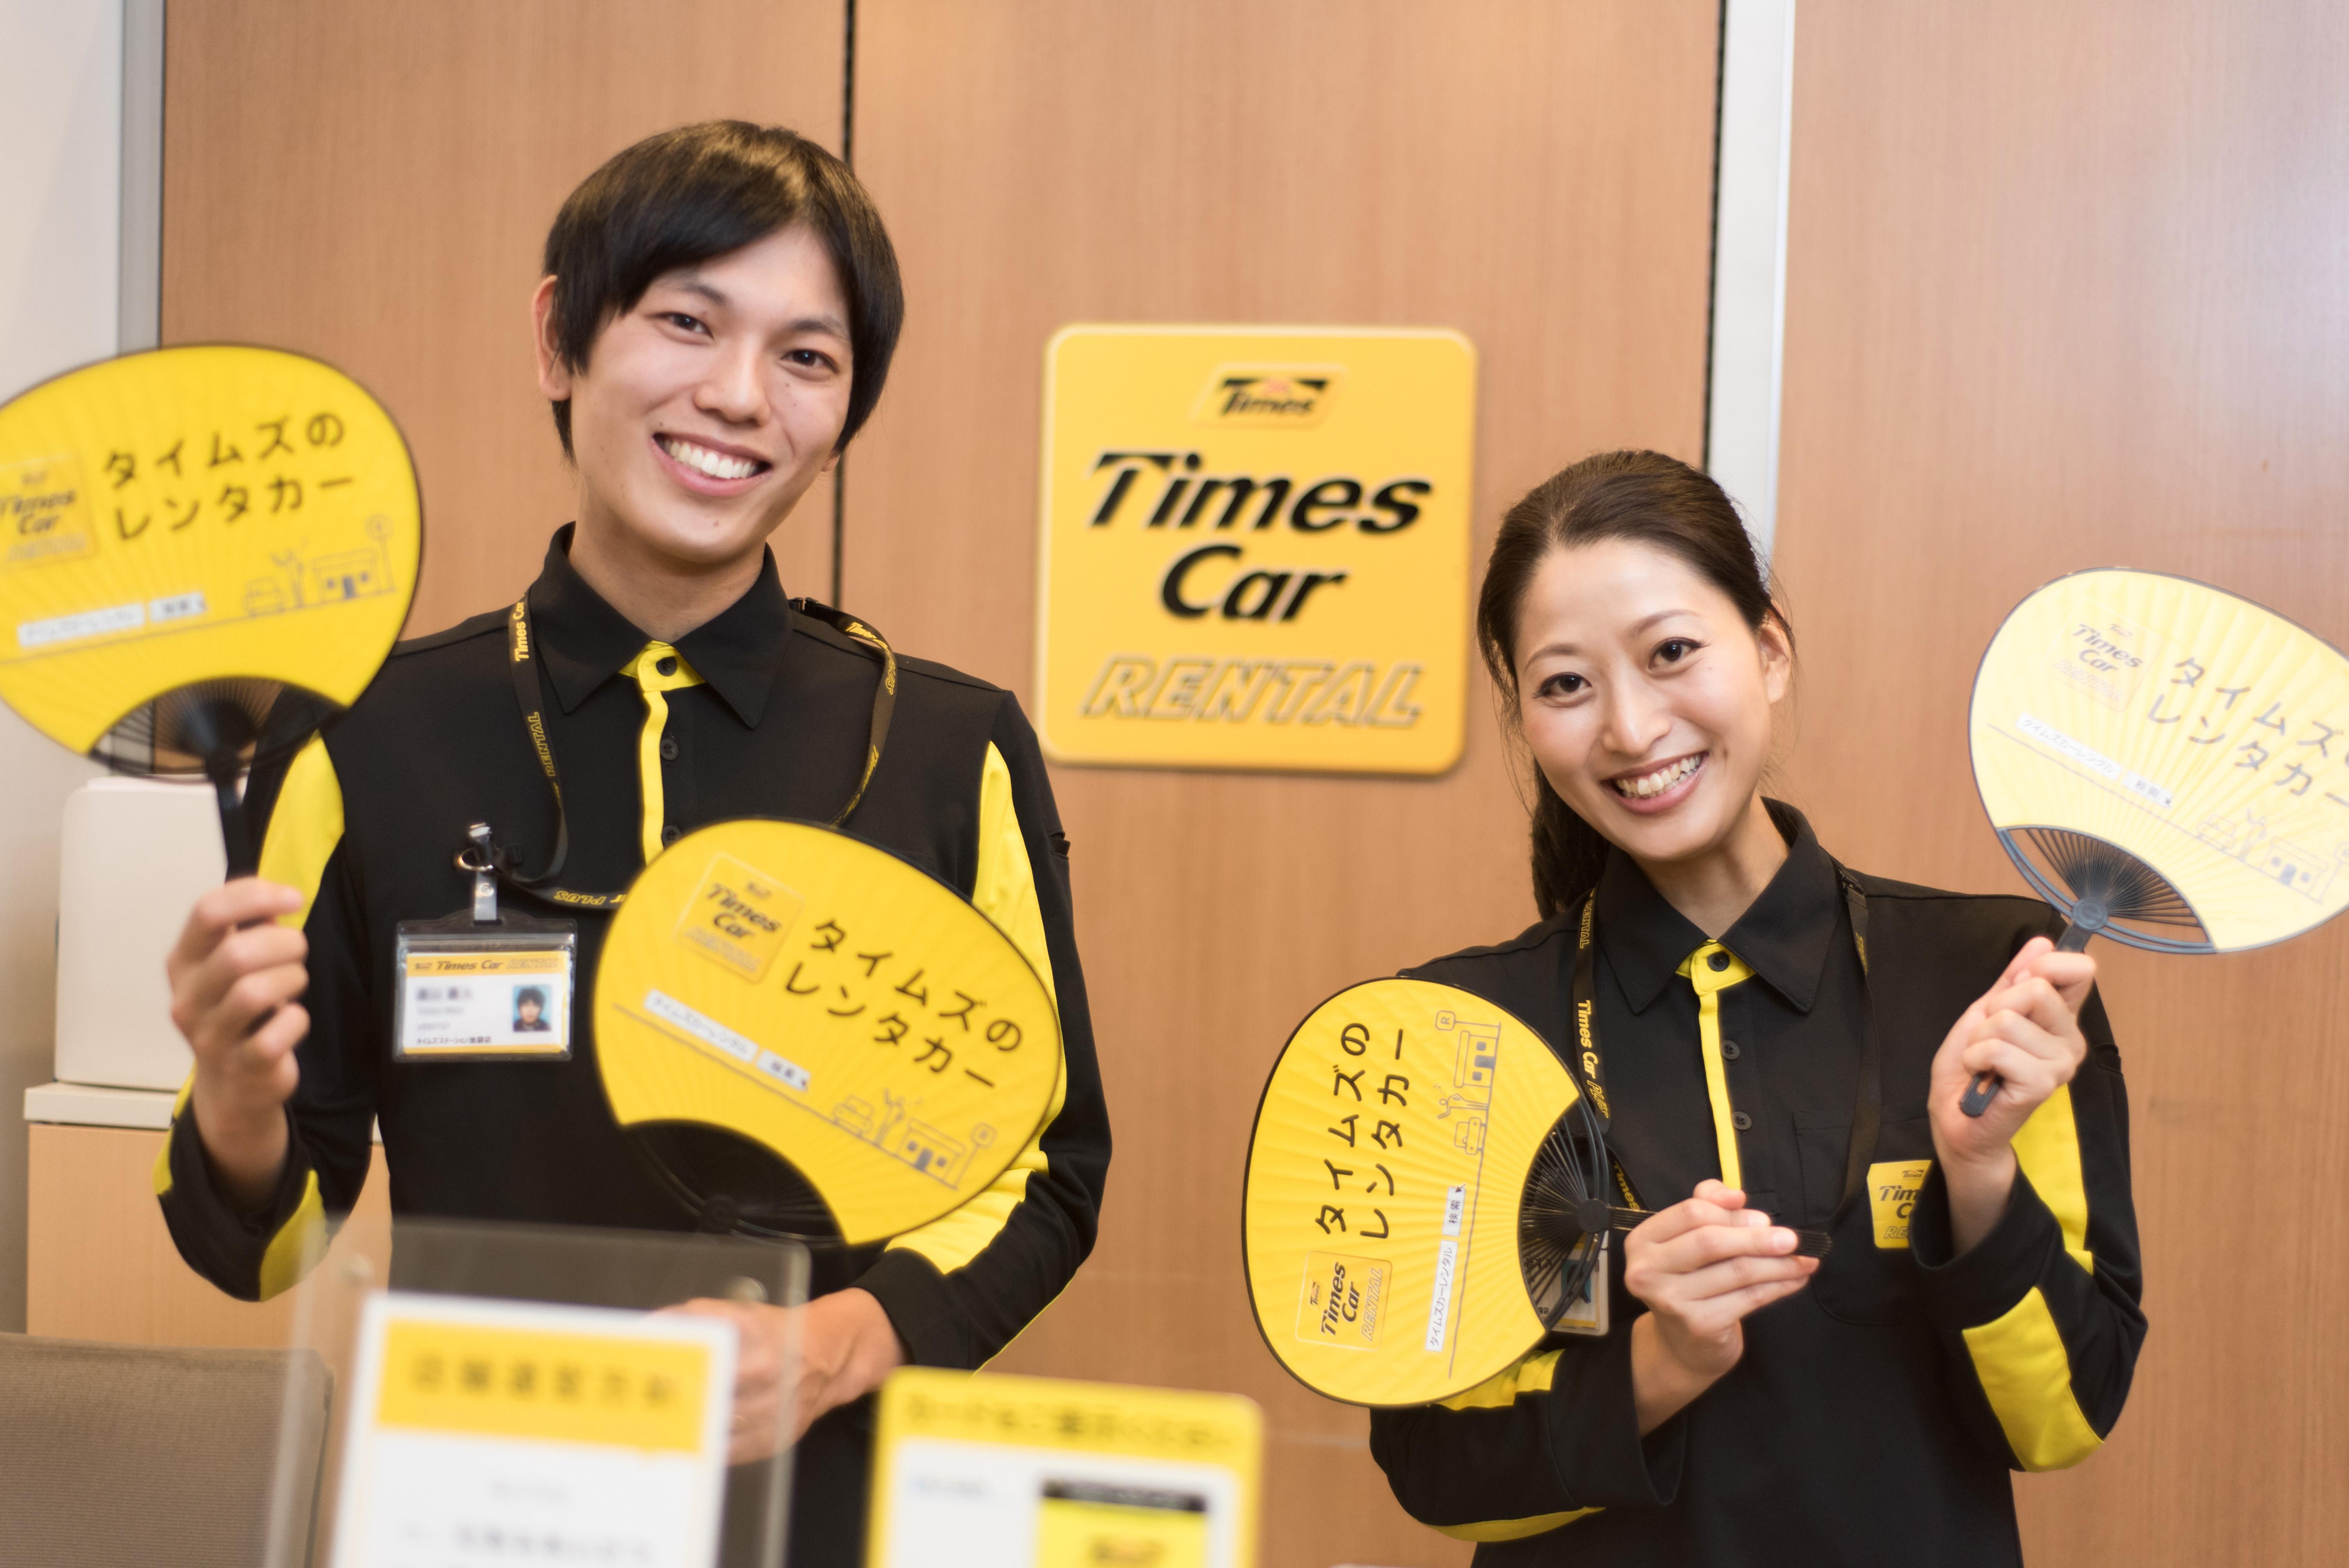 タイムズカーレンタル 岐阜駅前店 のアルバイト情報